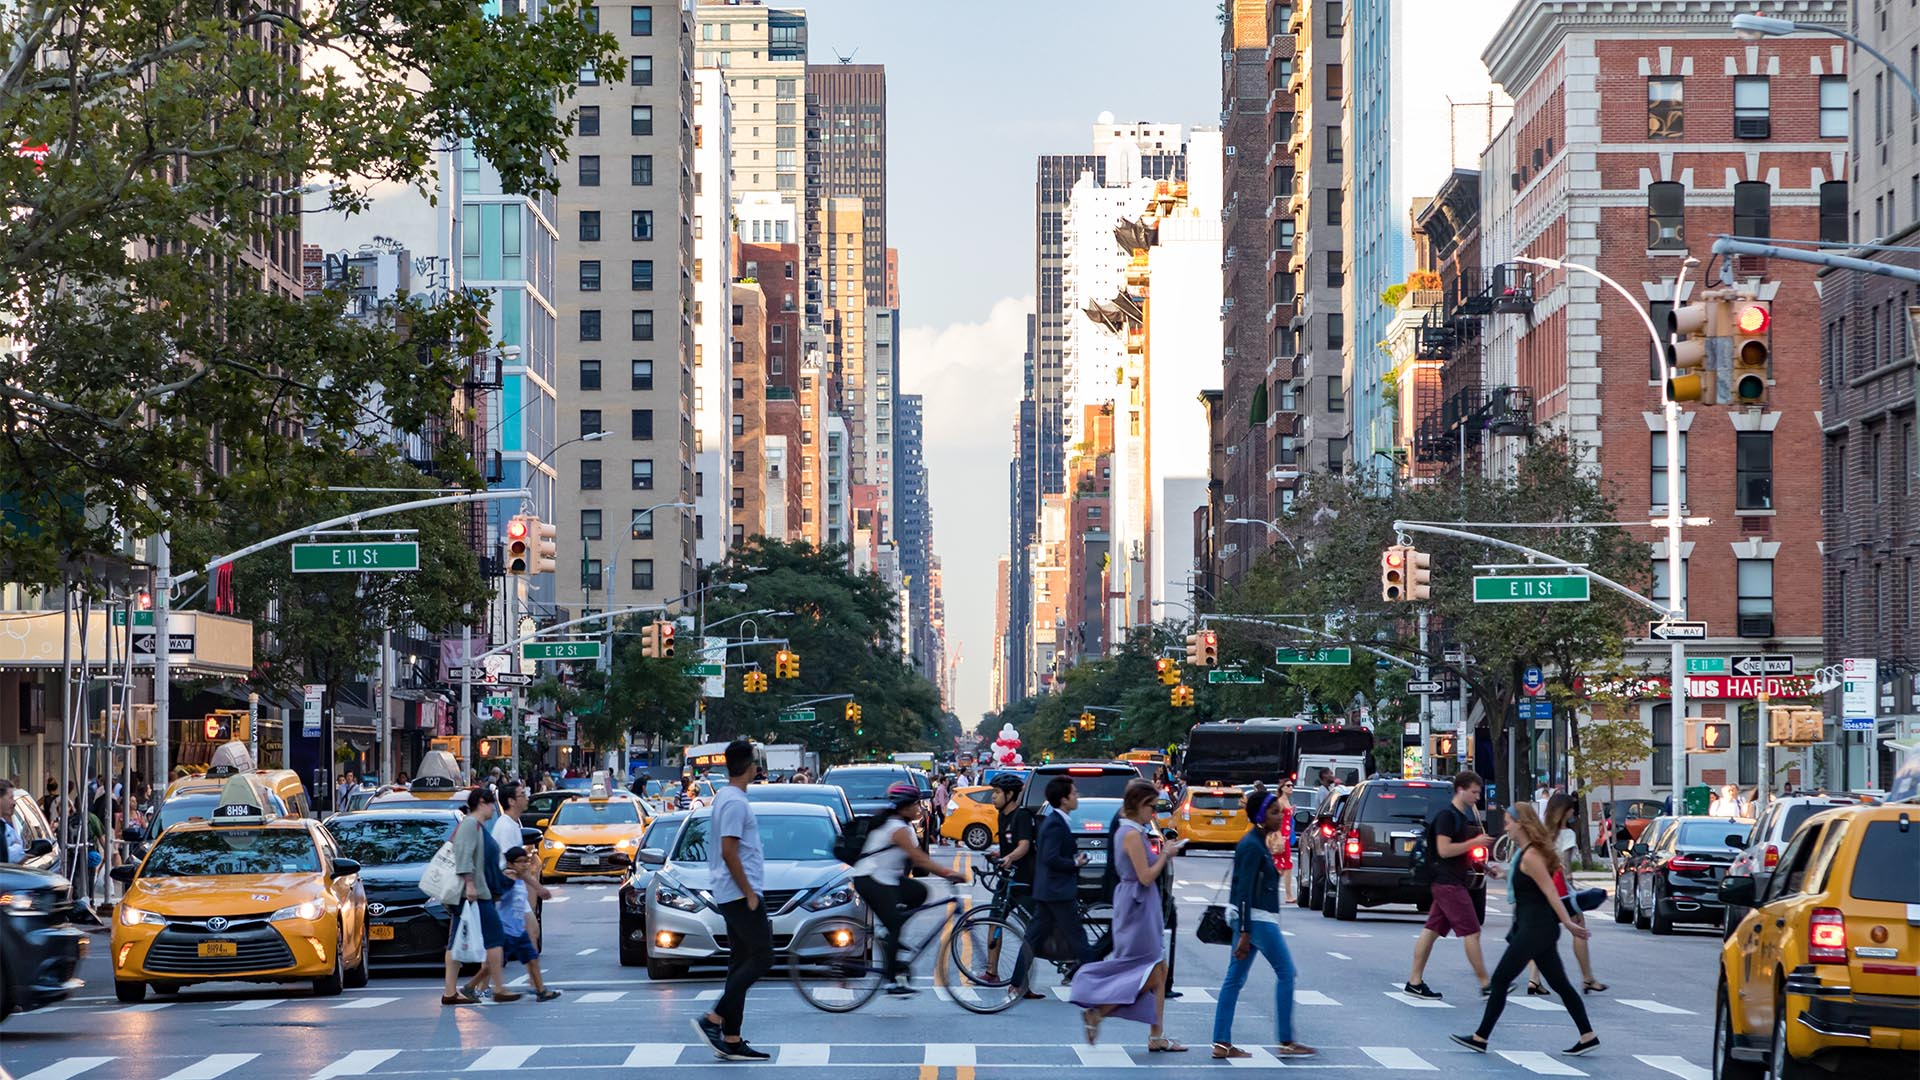 Nueva York es una de las grandes ciudades más seguras de Estados Unidos, con una tasa de criminalidad por habitante incluso más baja que el promedio nacional